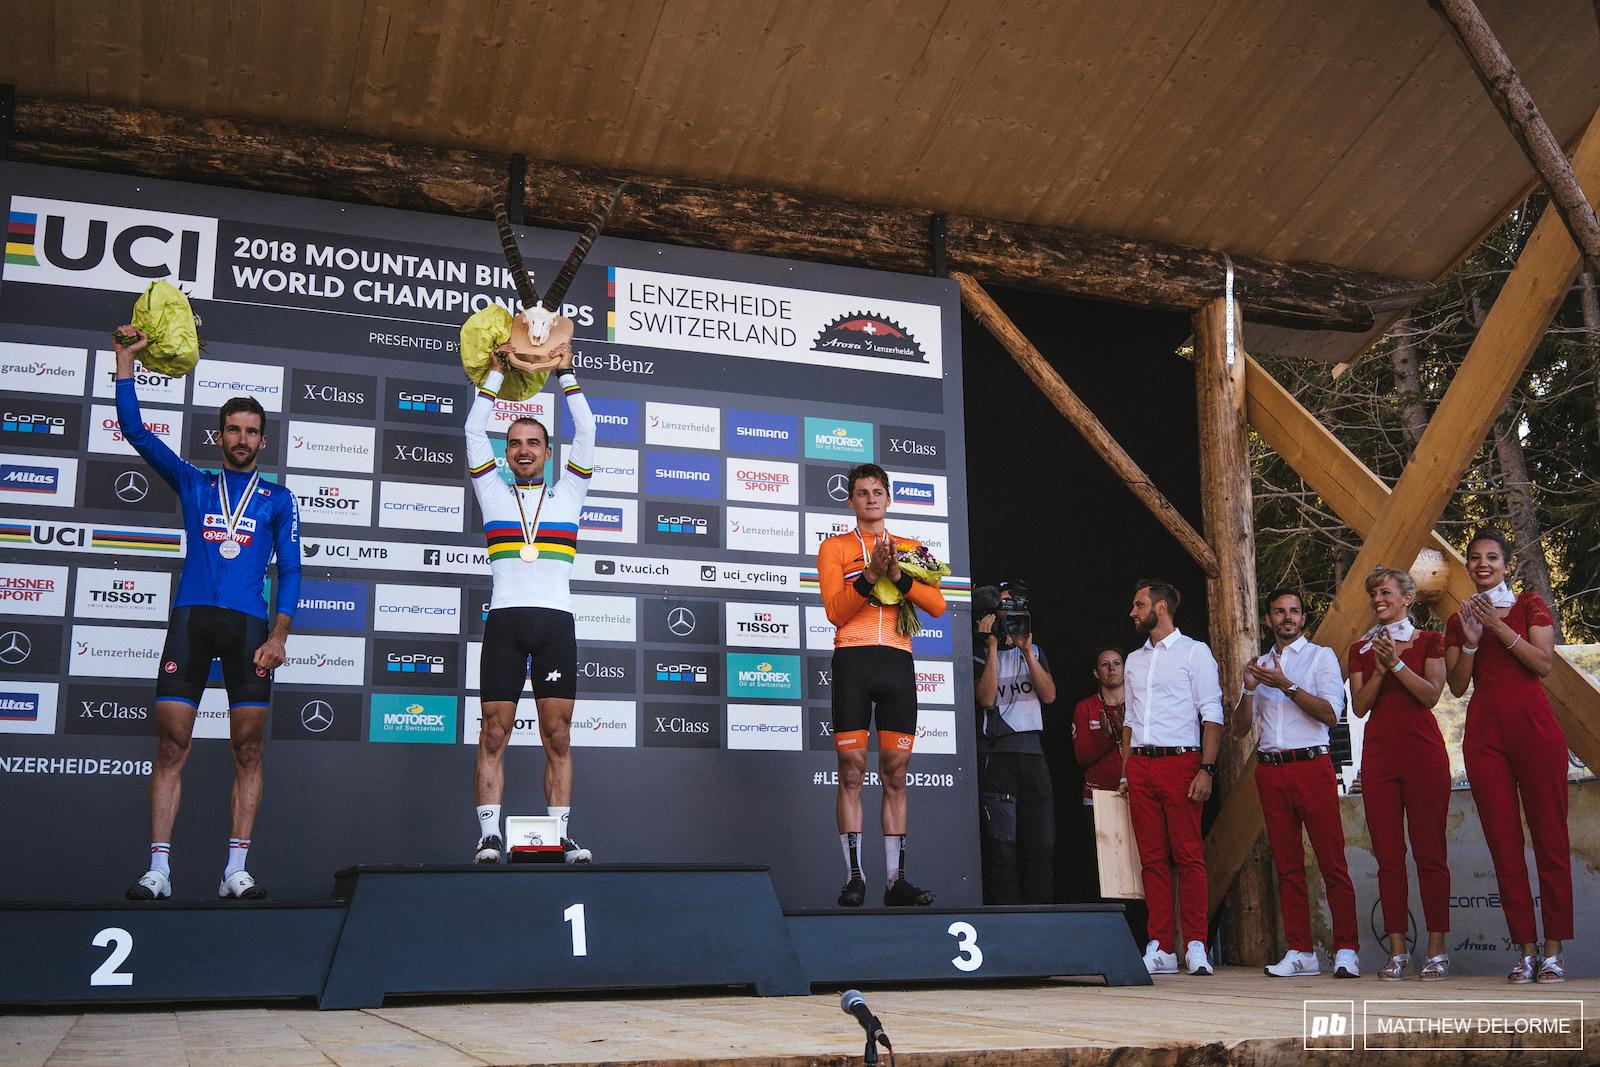 Your men elite podium- Schurter Kerschbaumer van der Poel. Looks like Bart was right on this one.